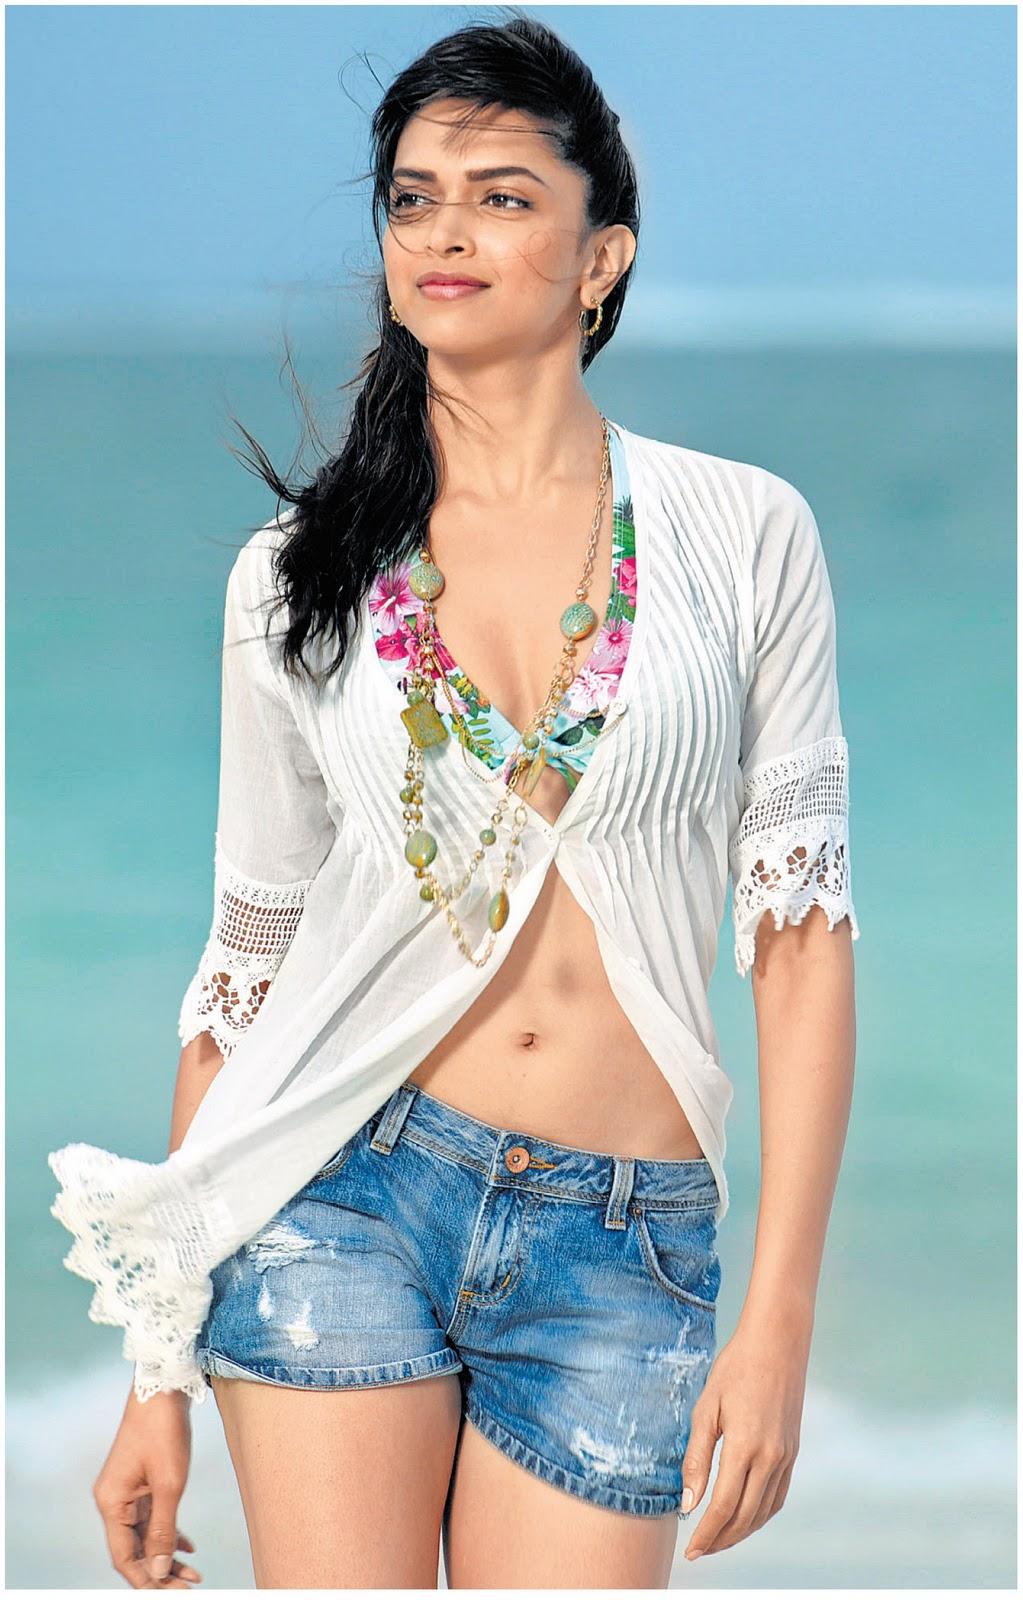 PHOTOS: Bollywood Actress Deepika Padukone Hot Photos ...